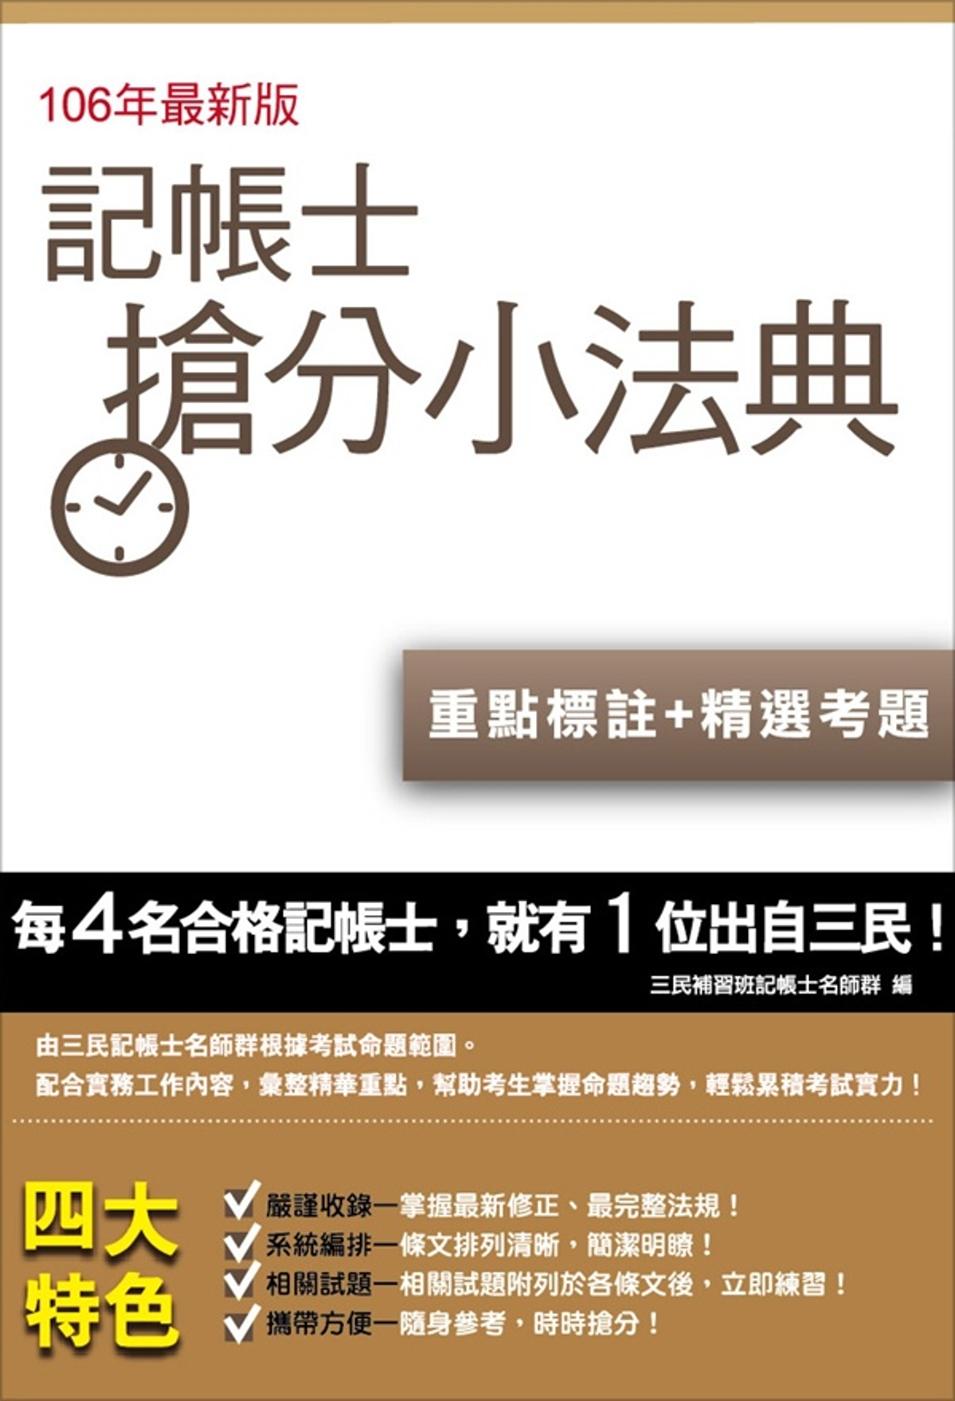 【106年最新版】記帳士搶分小法典(含重點標示+精選試題)七版